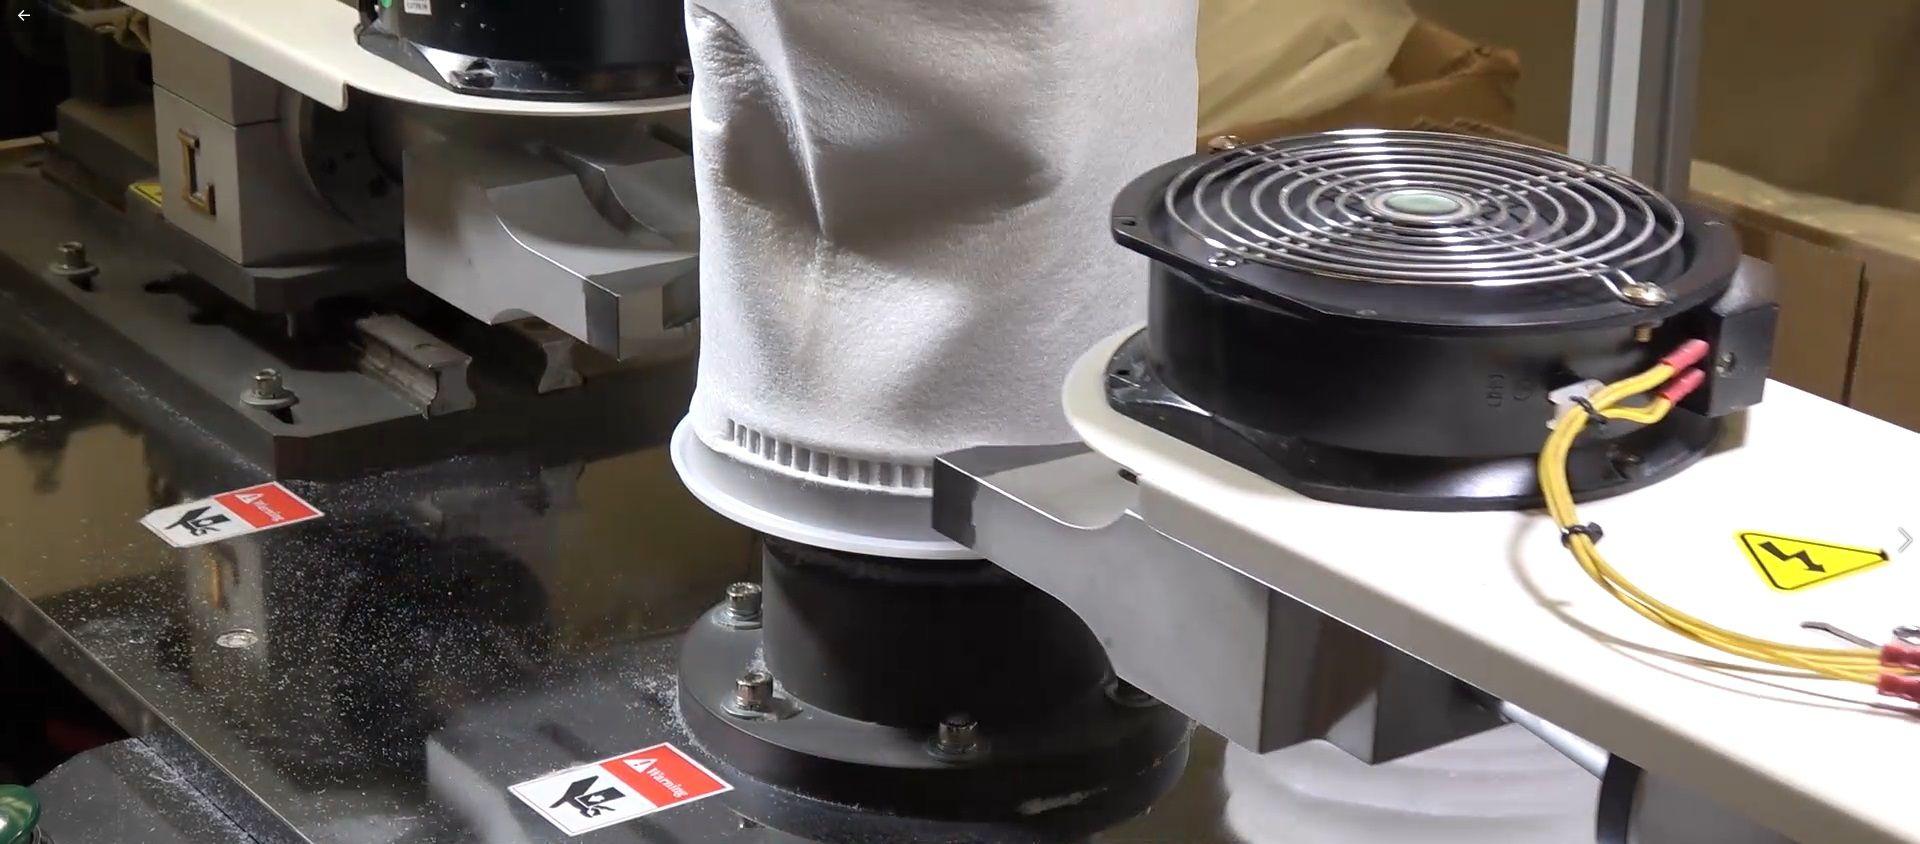 FMP-Macrofilter-Filtros-y-Mallas-de-puebla-01-compressor